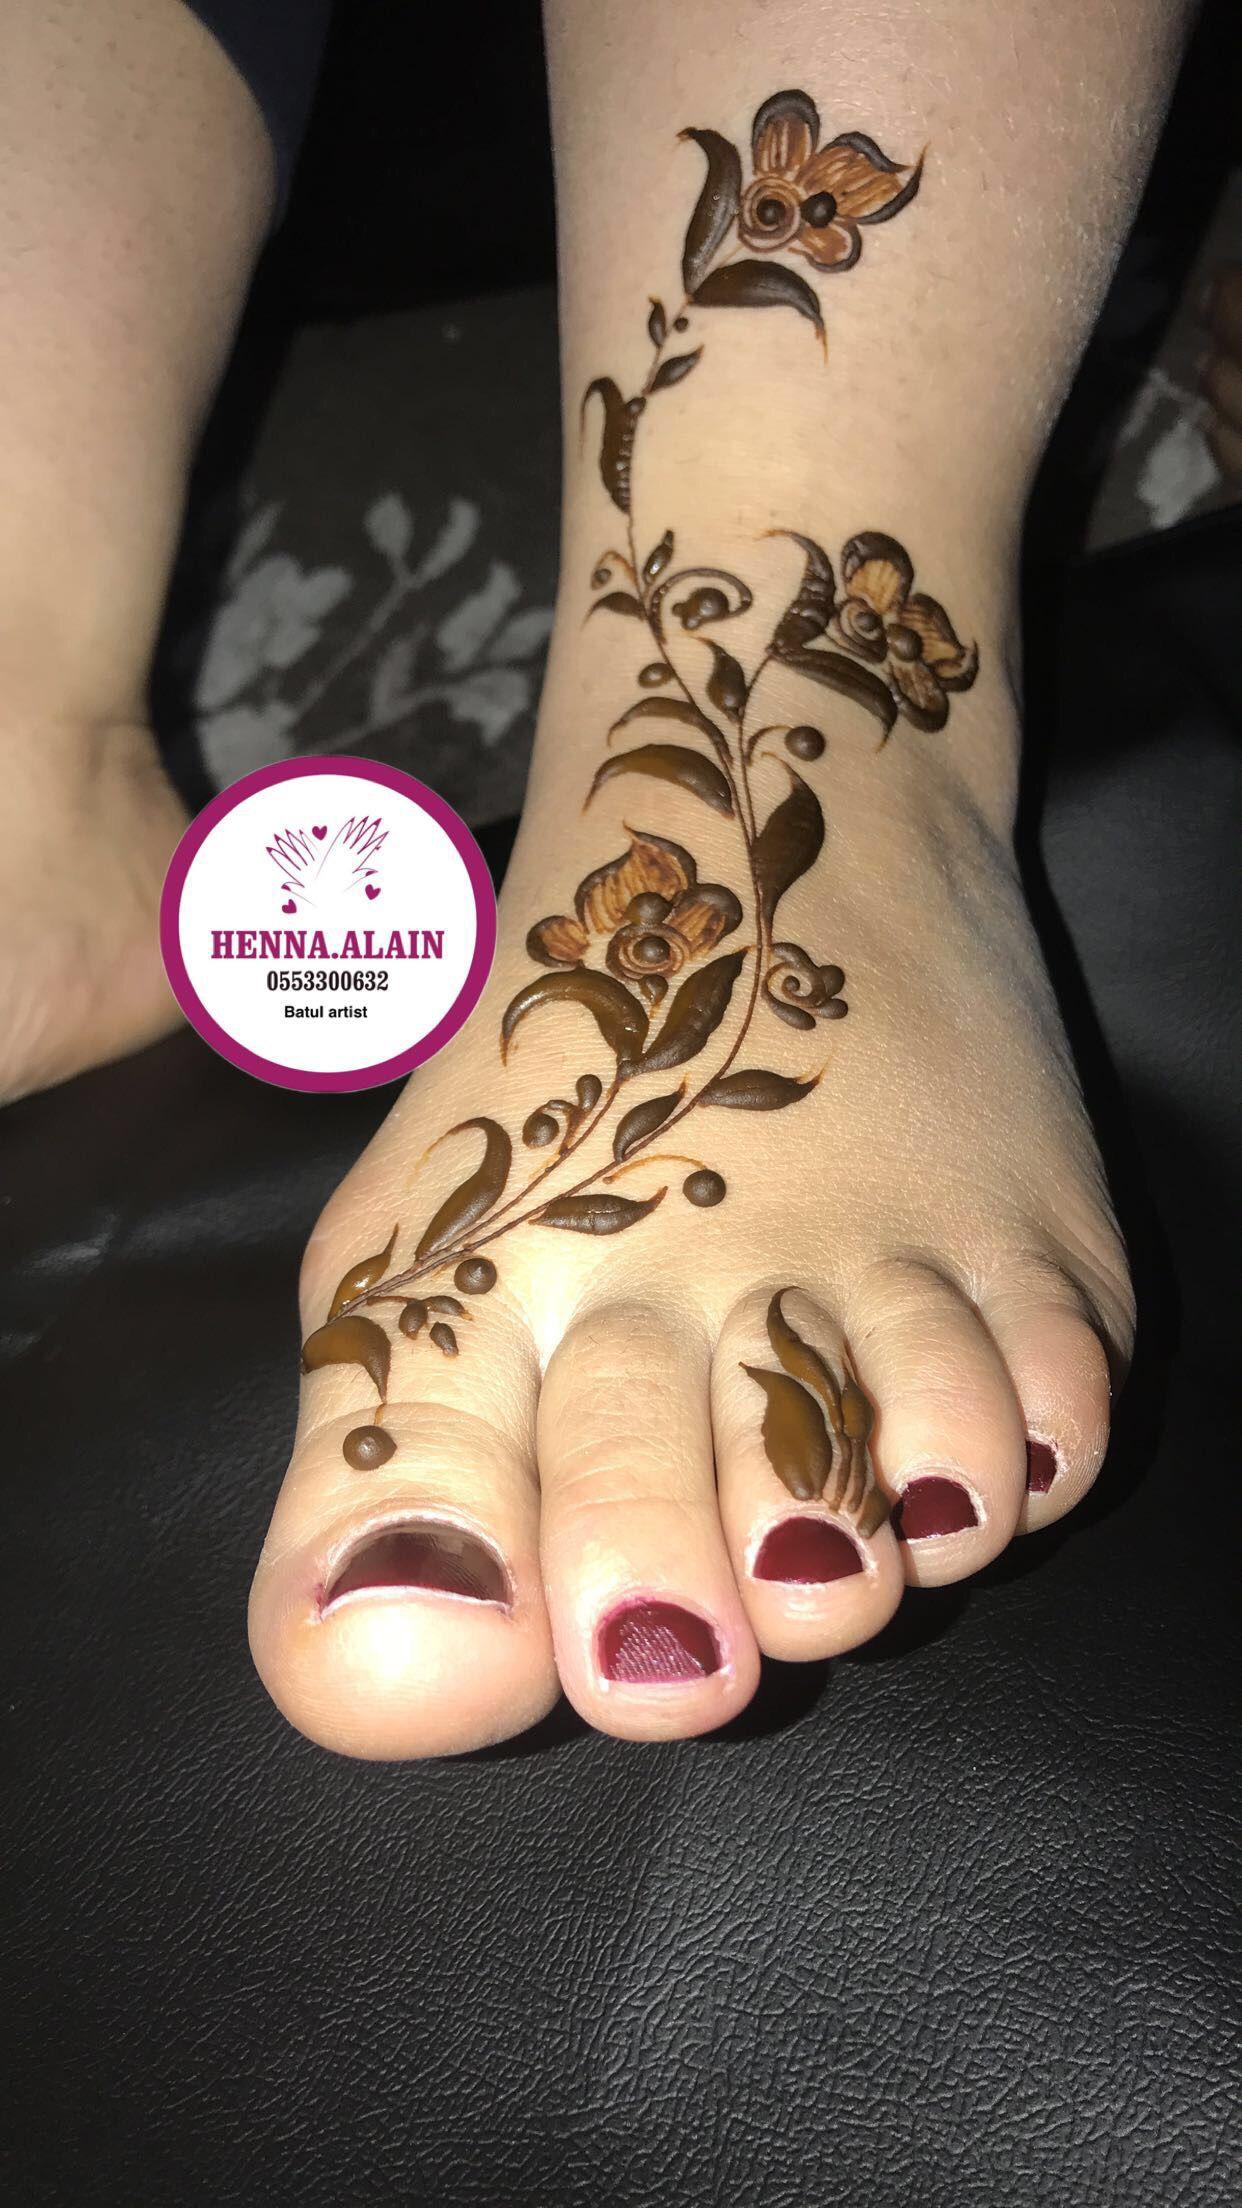 0553300632 العين Henna Tattoo Designs Henna Designs Hand Henna Designs